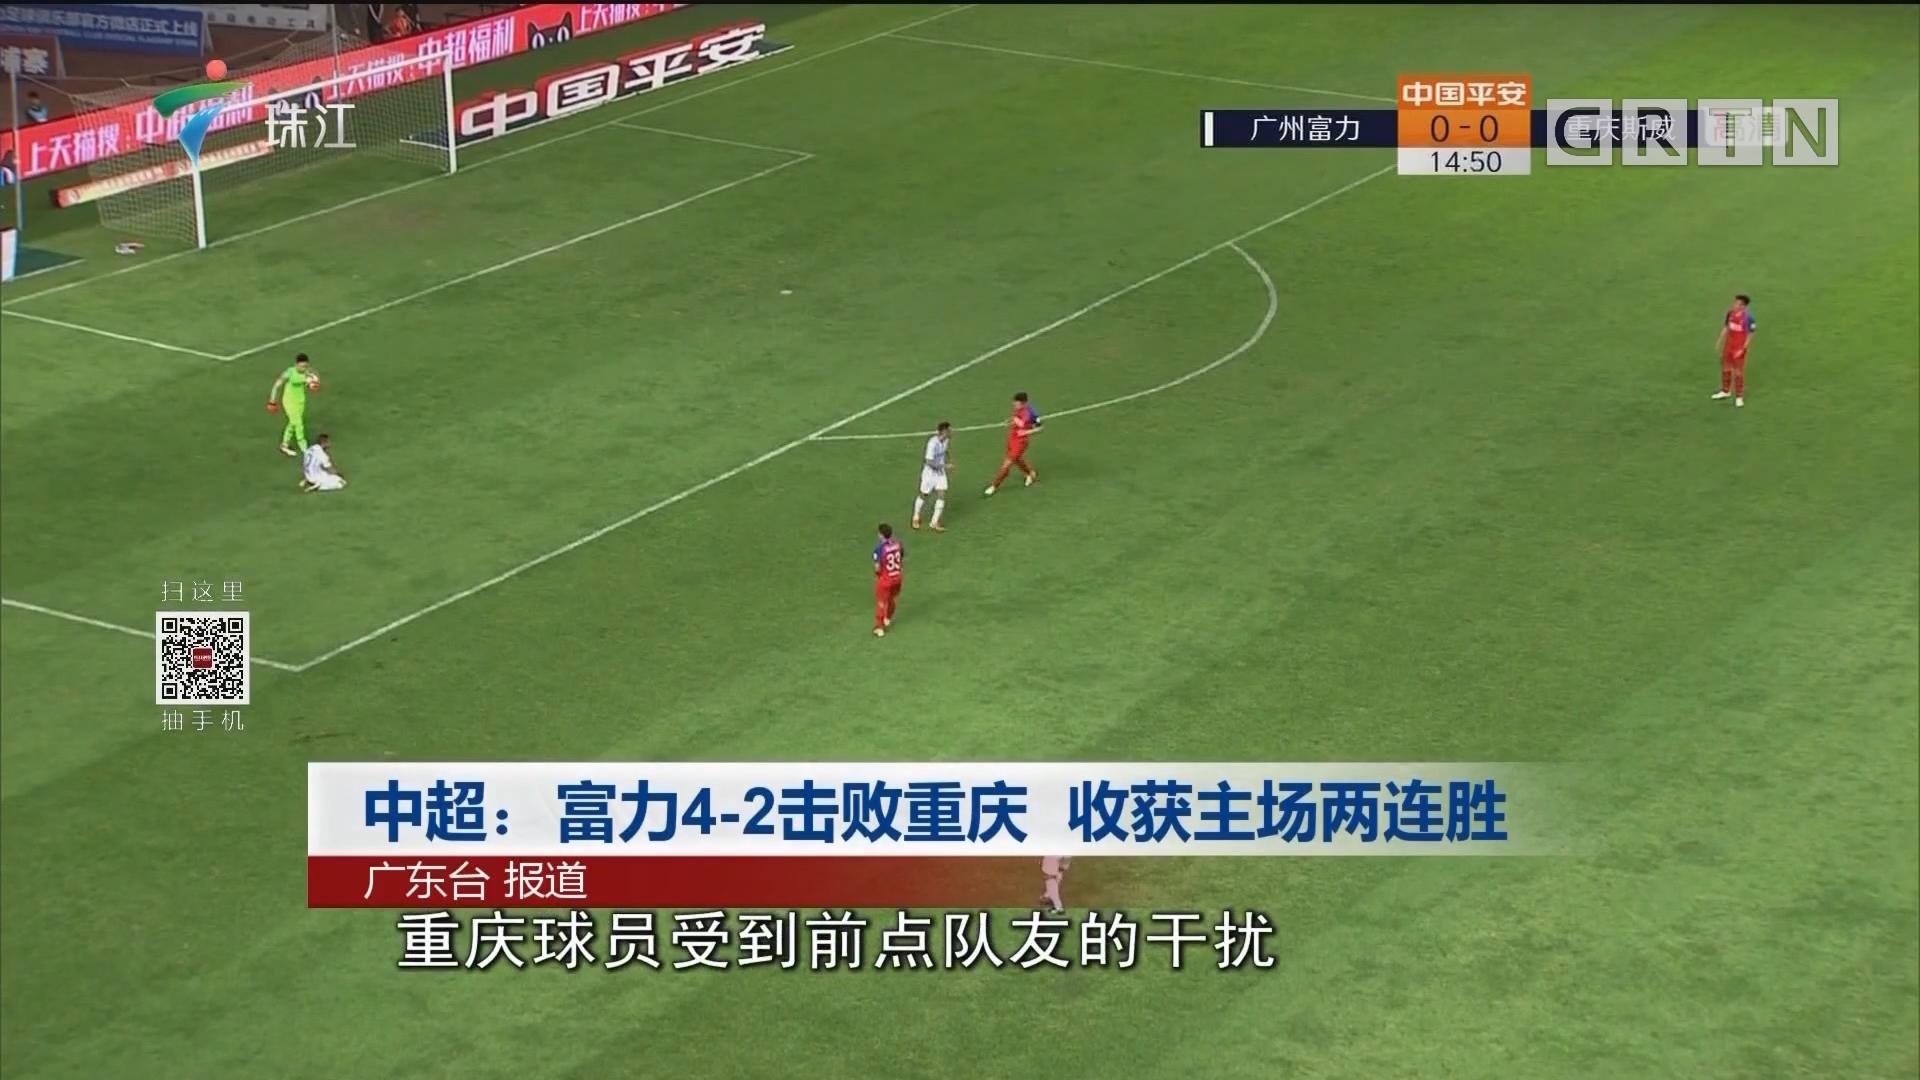 中超:富力4-2击败重庆 收获主场两连胜